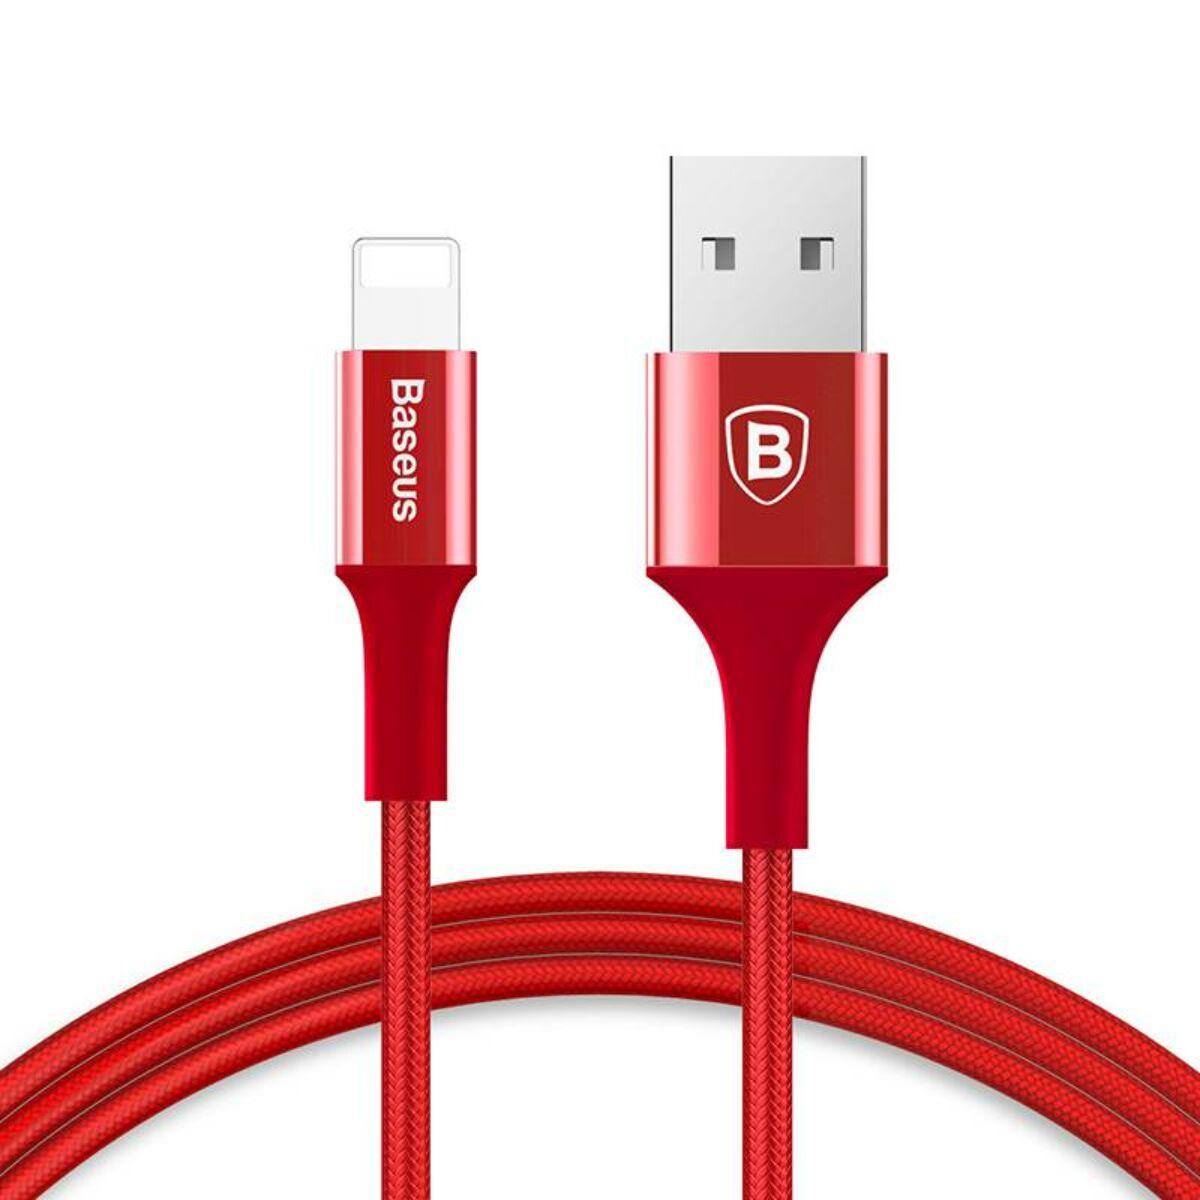 Baseus Lightning kábel, Shining LED fényes töltő csatlakozóval Jet metal 2A, 1m, piros (CALSY-09)